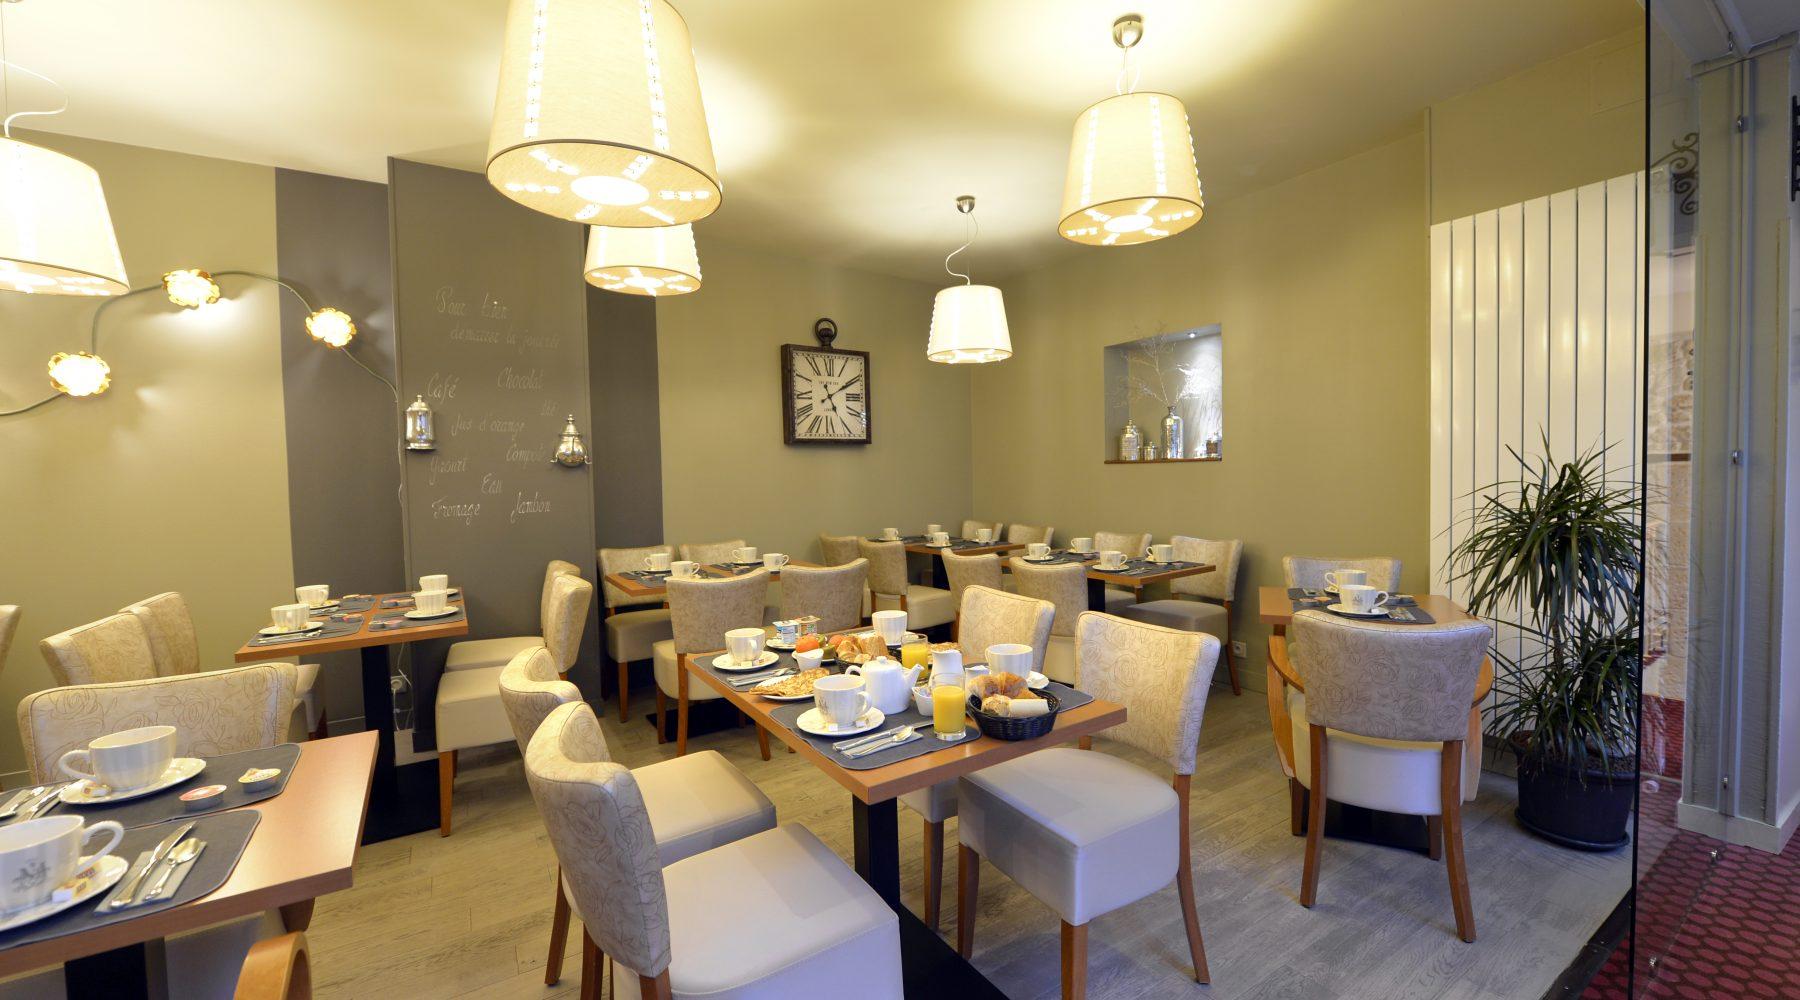 salle du petit-déjeuner France hôtel